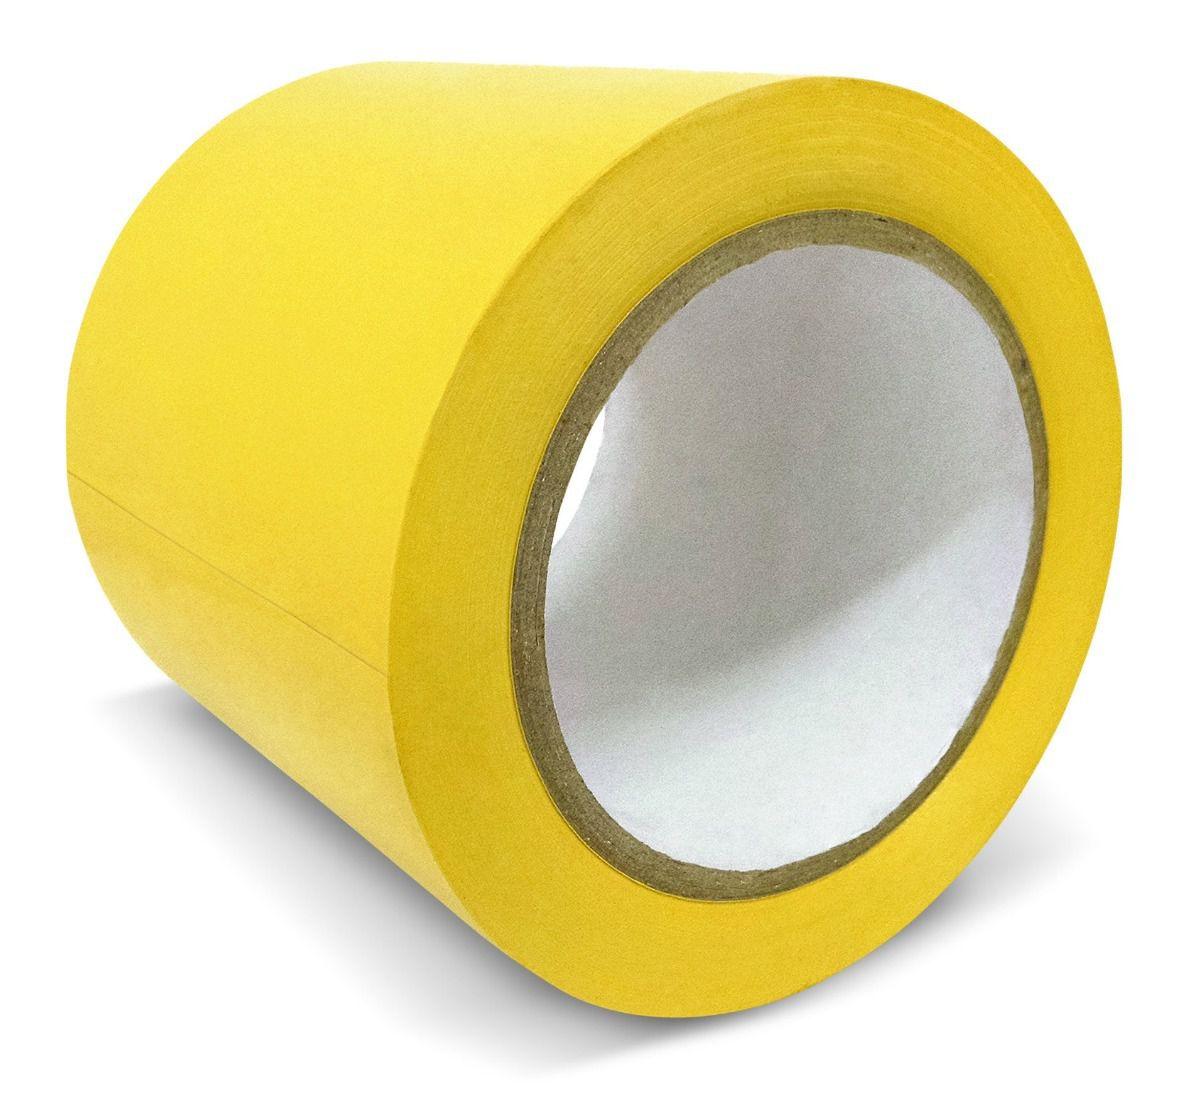 Fita Adesiva Sinalização Demarcação Amarela 48mm x 30mt